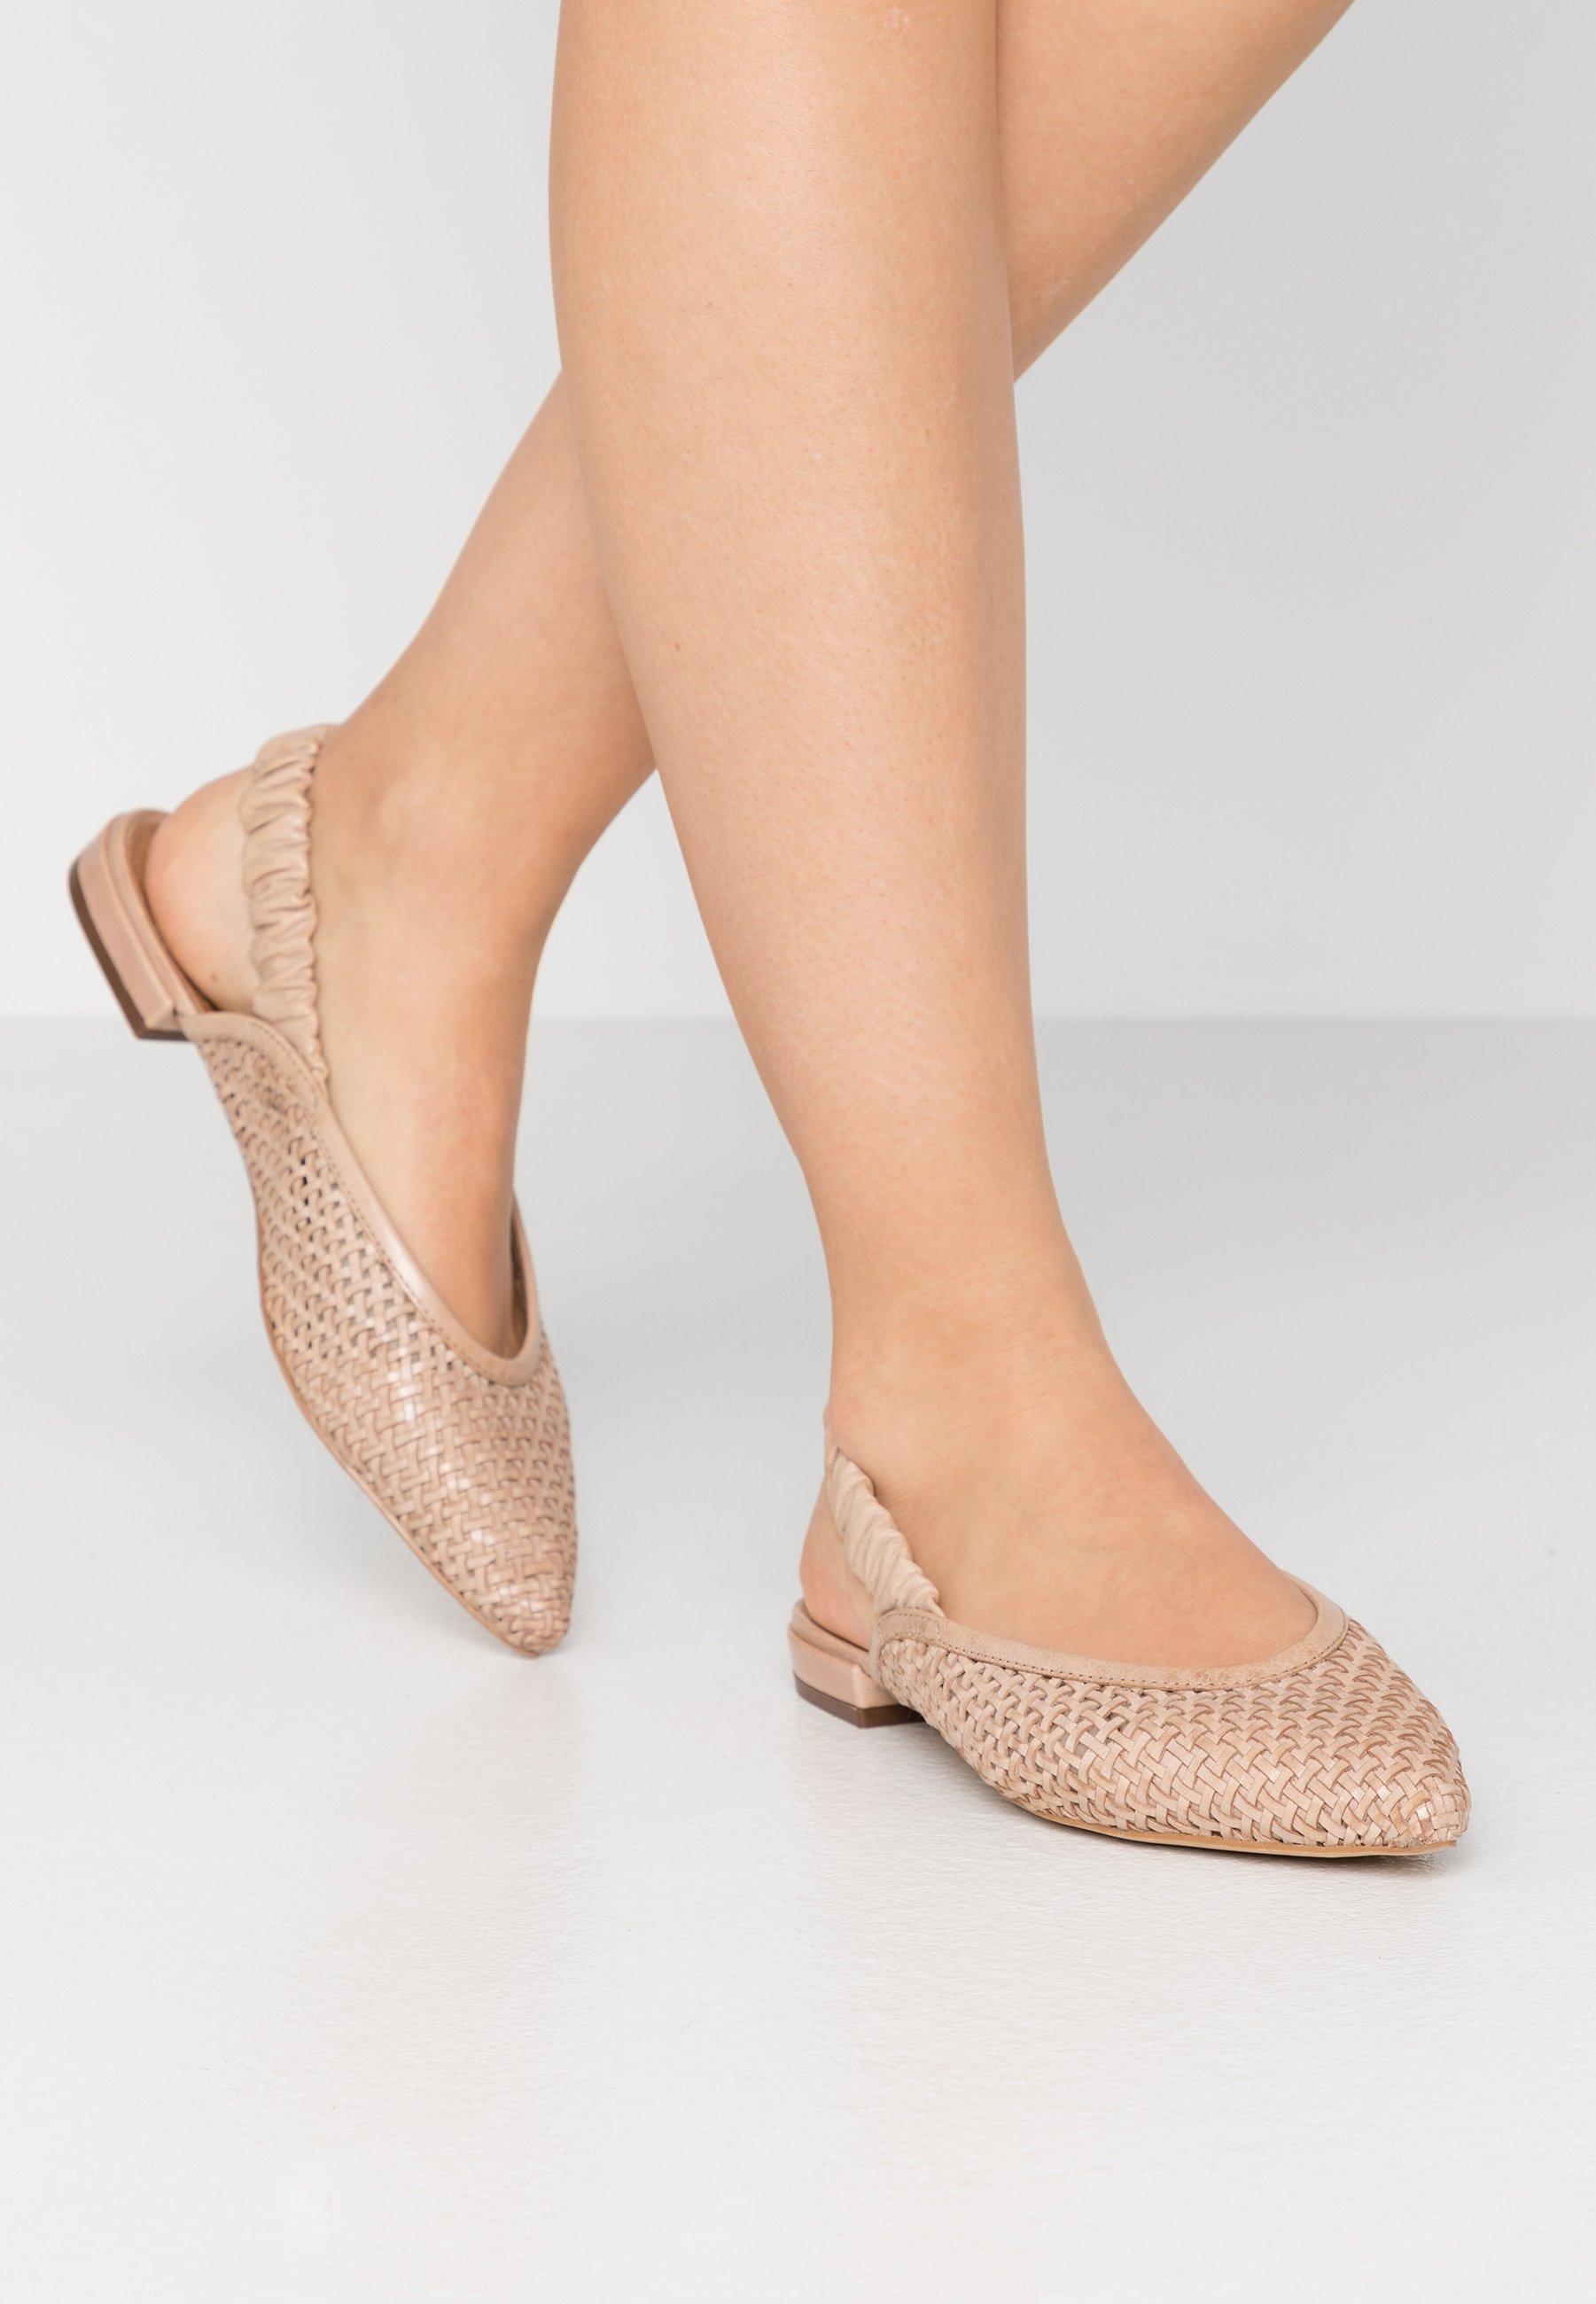 EDITED GOTJE - Ballerina med hælstøtte - beige/latté